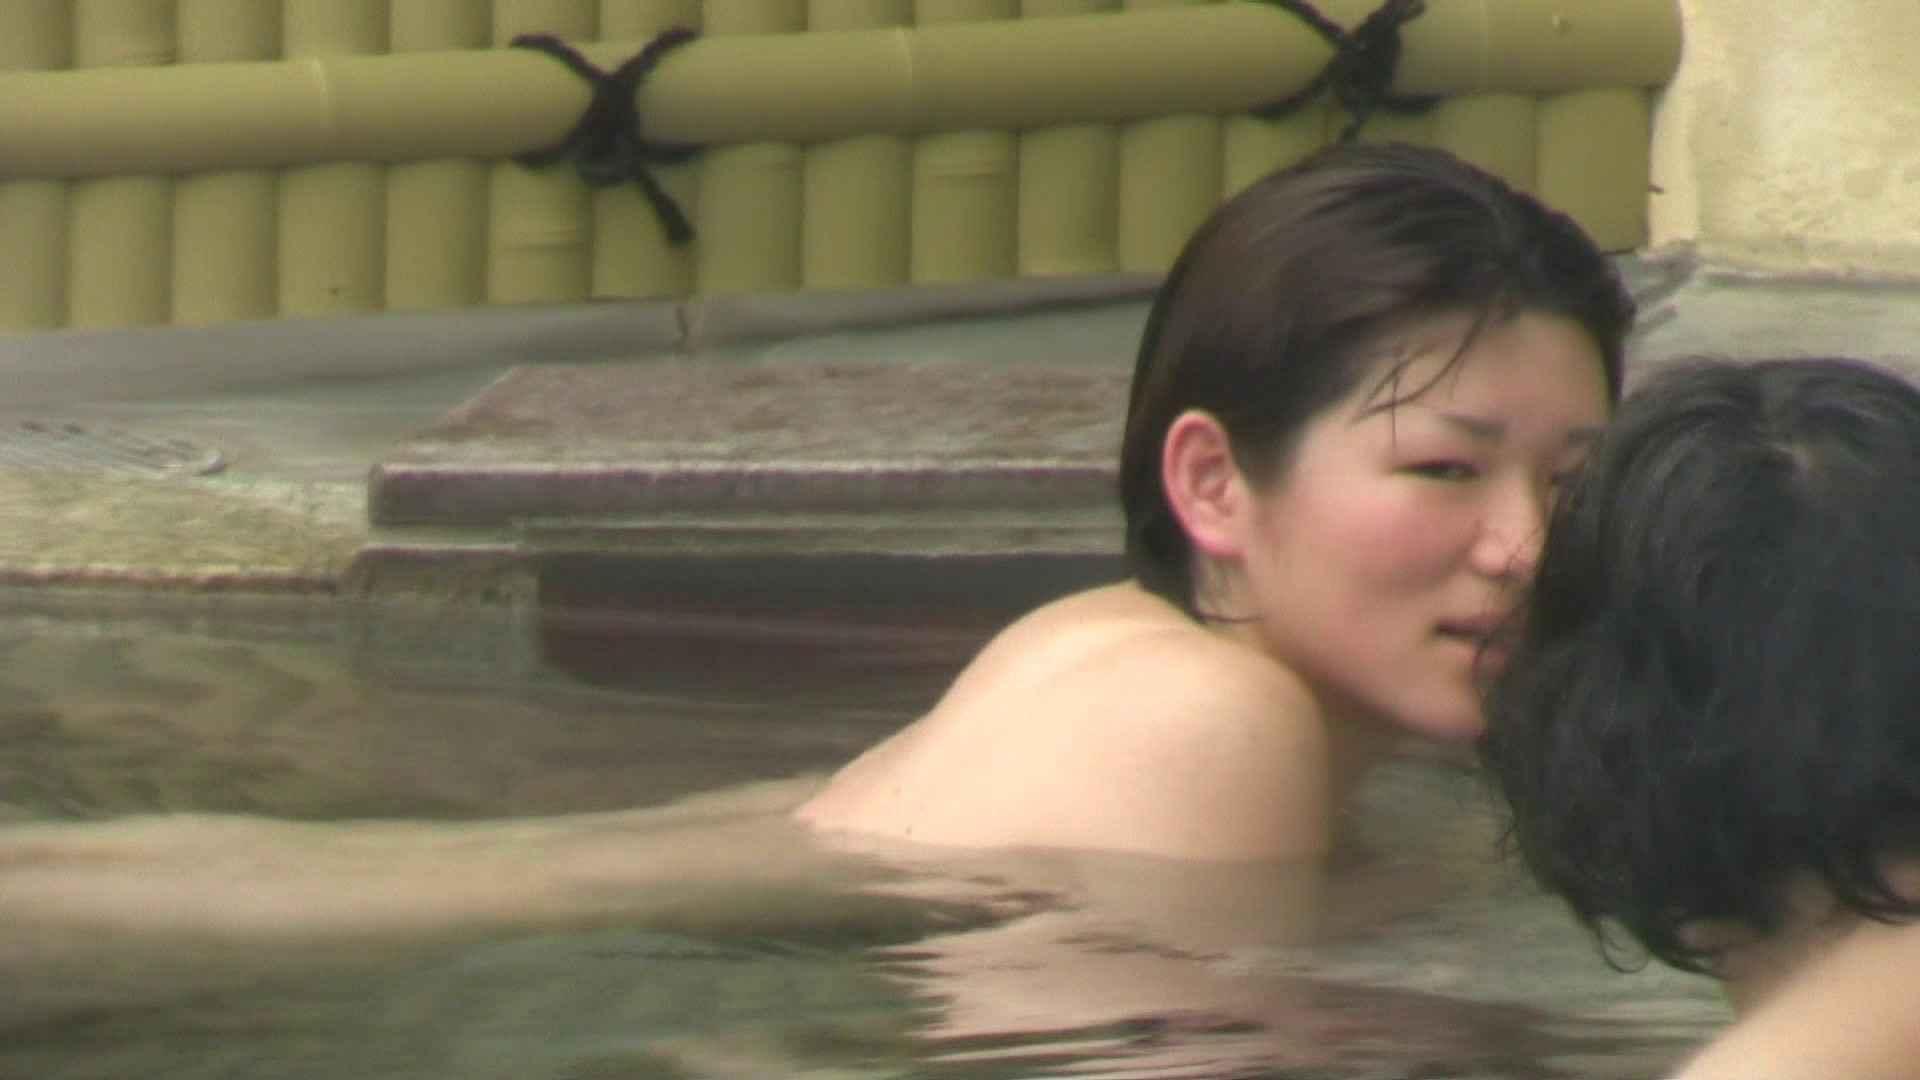 Aquaな露天風呂Vol.673 0  91pic 6